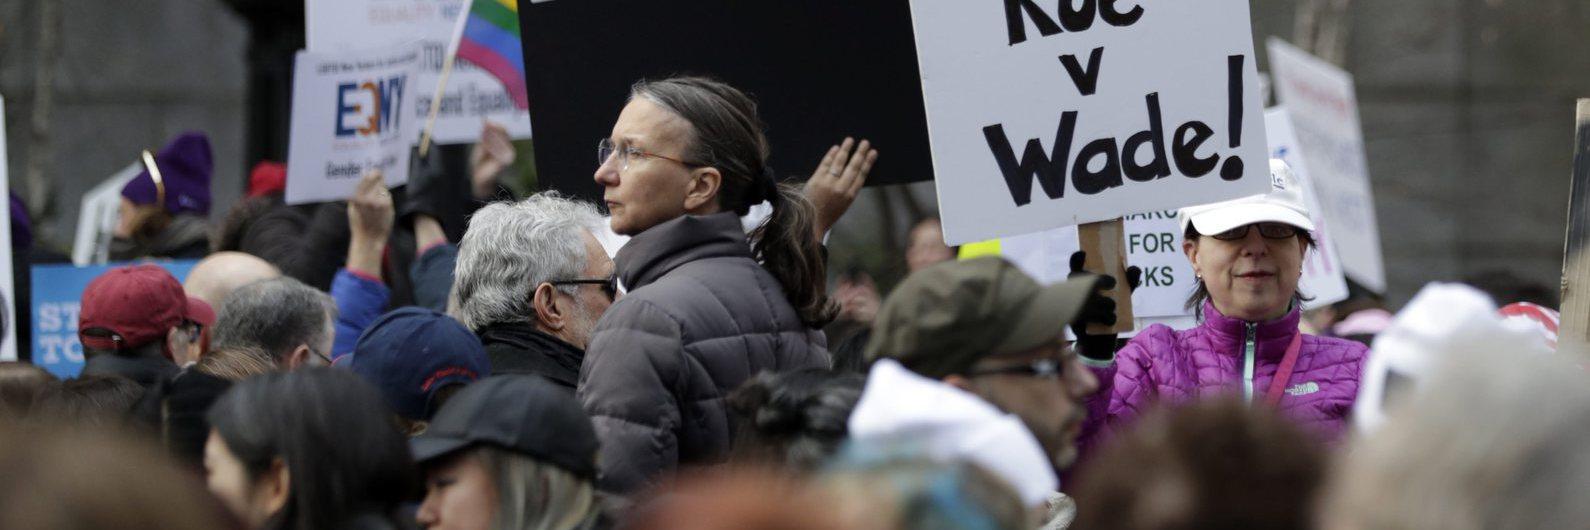 Milhares de manifestantes anti-Trump marcham em todo o mundo